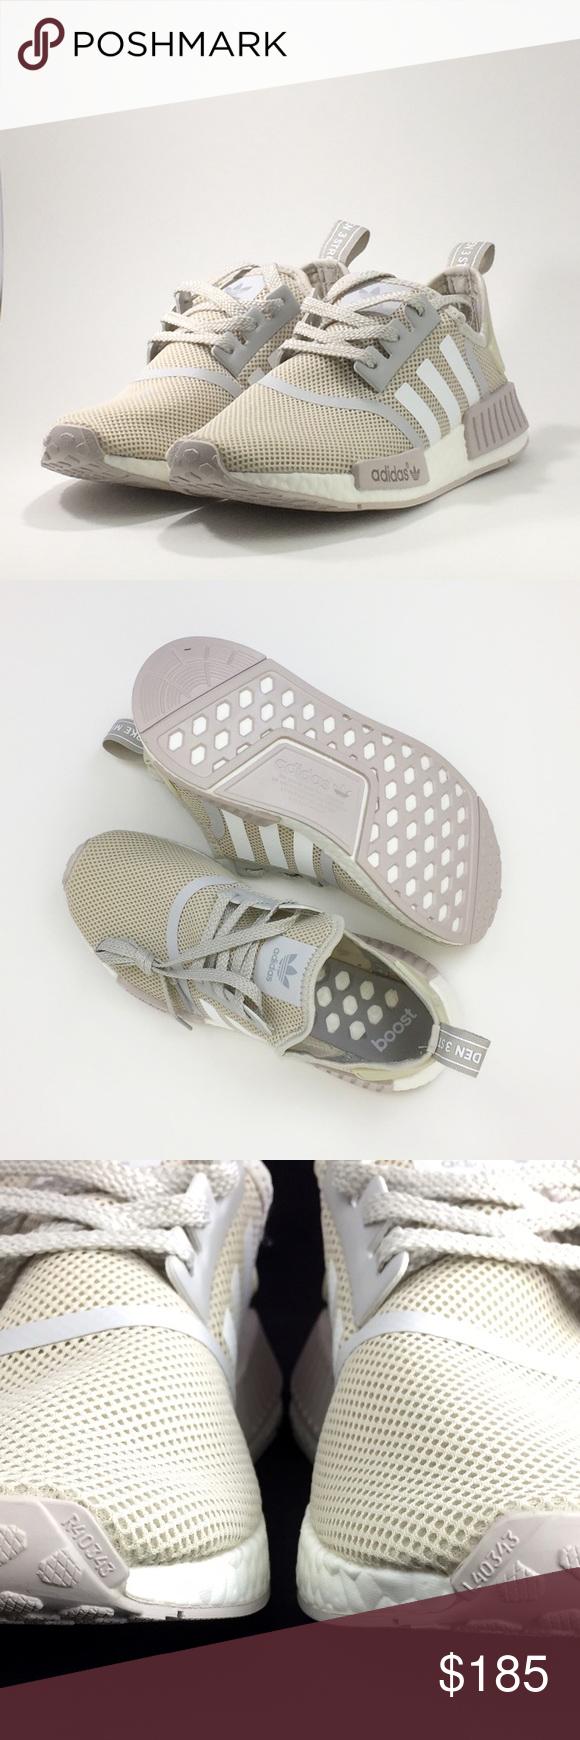 08edf624cc43f adidas NMD R1 Primeknit